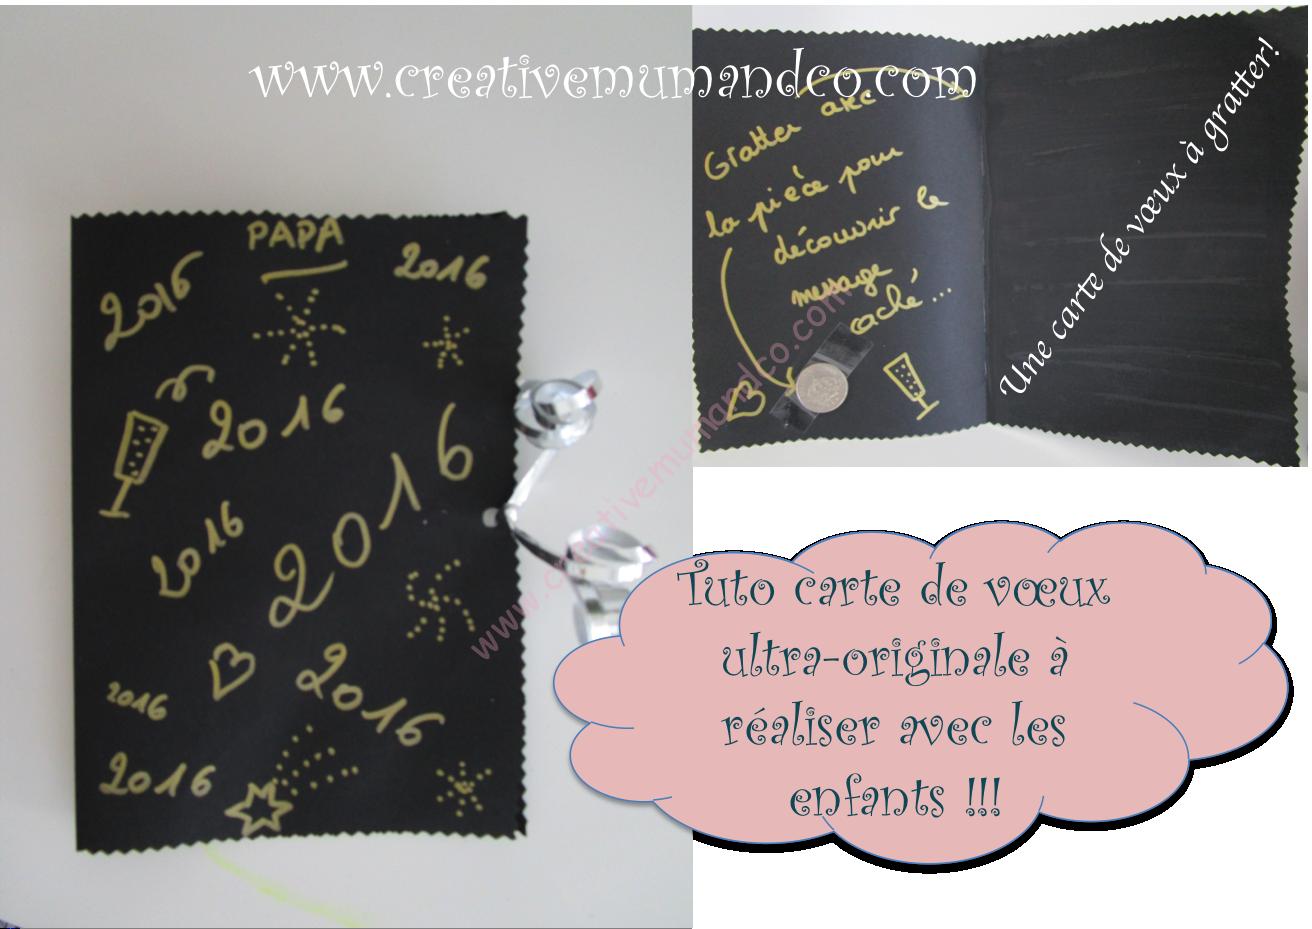 10 cartes de voeux ultra originales r aliser avec les enfants tuto 2 - Tuto carte de voeux ...